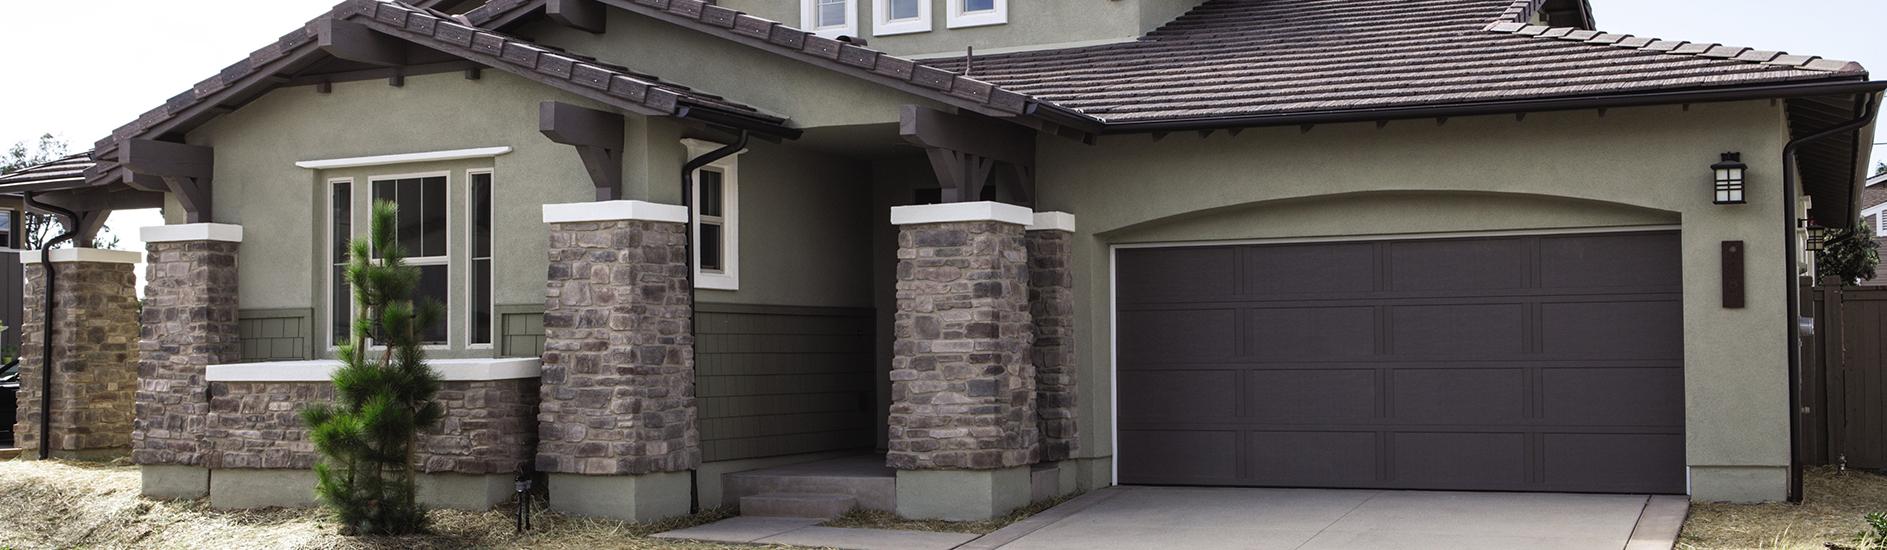 Steel Garage Doors & Steel Doors - Door Systems of Montana